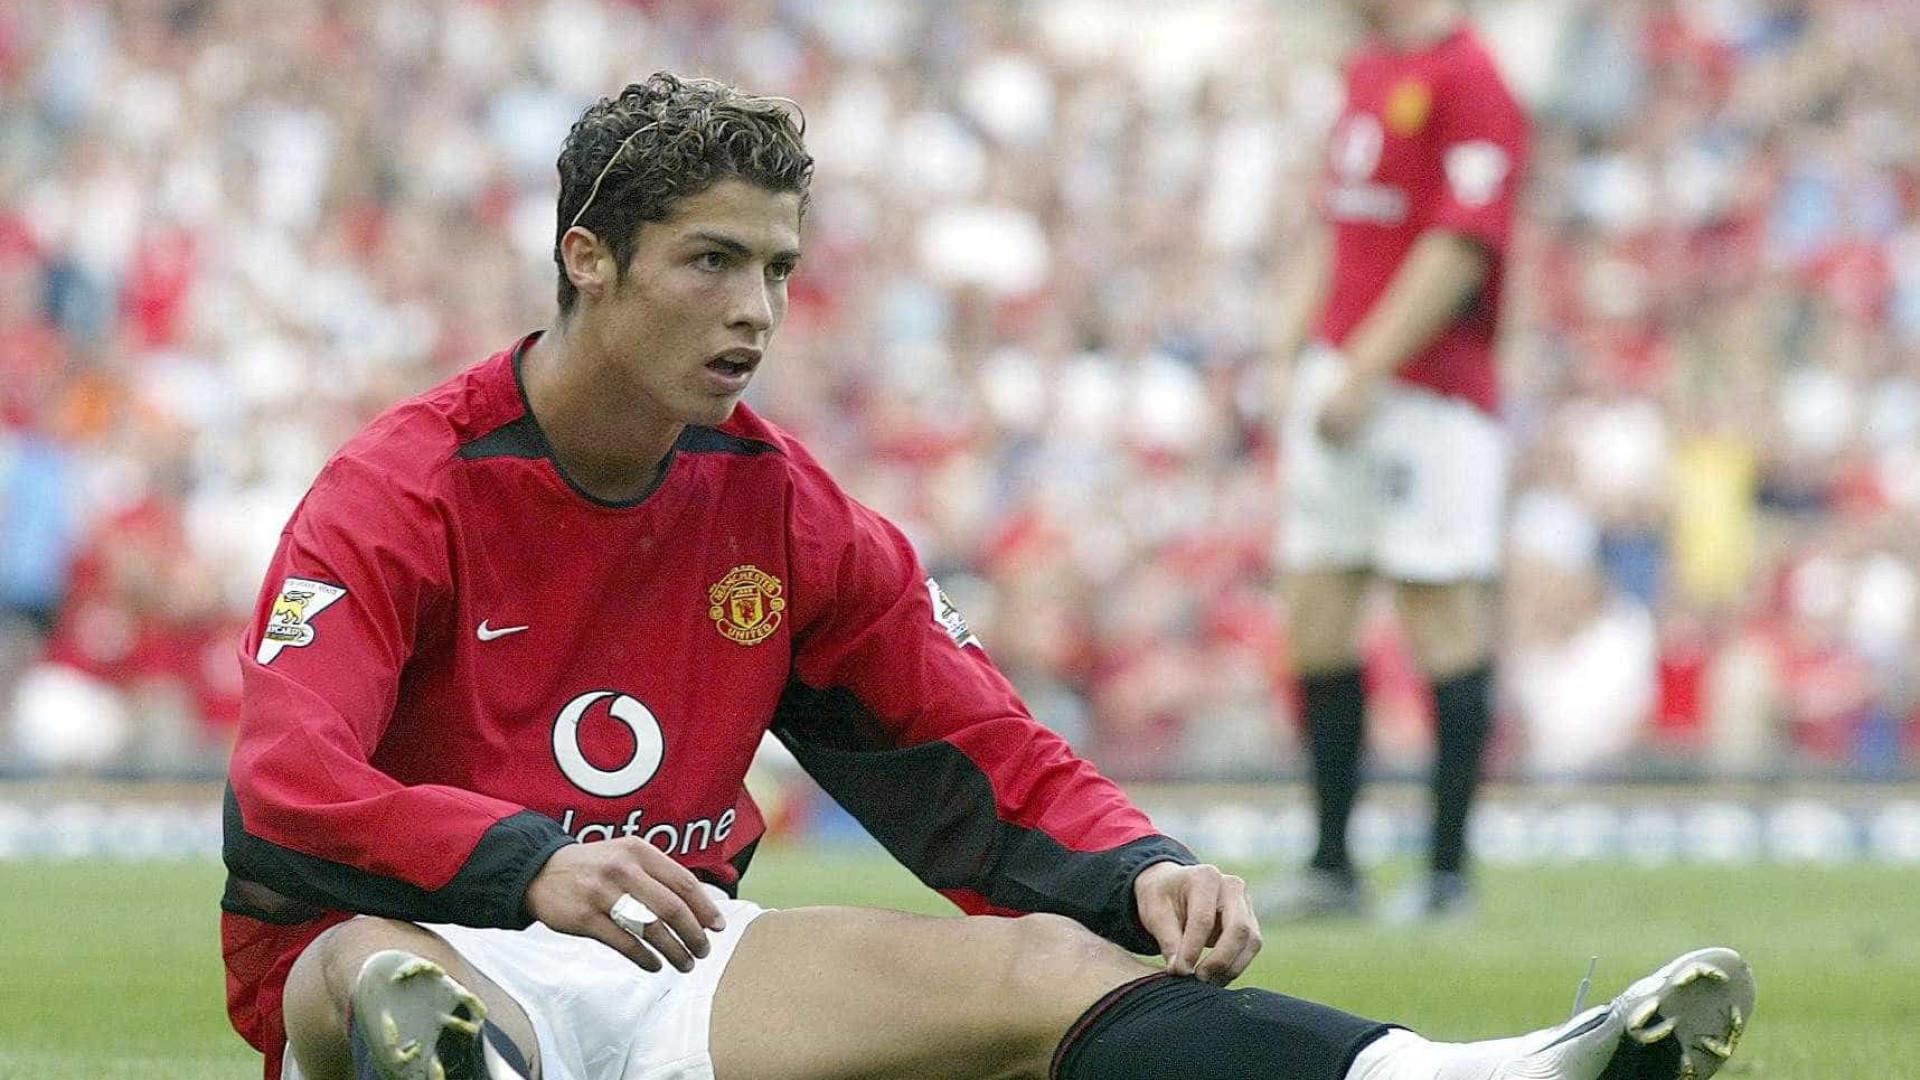 Salário impediu Cristiano Ronaldo de jogar no Liverpool